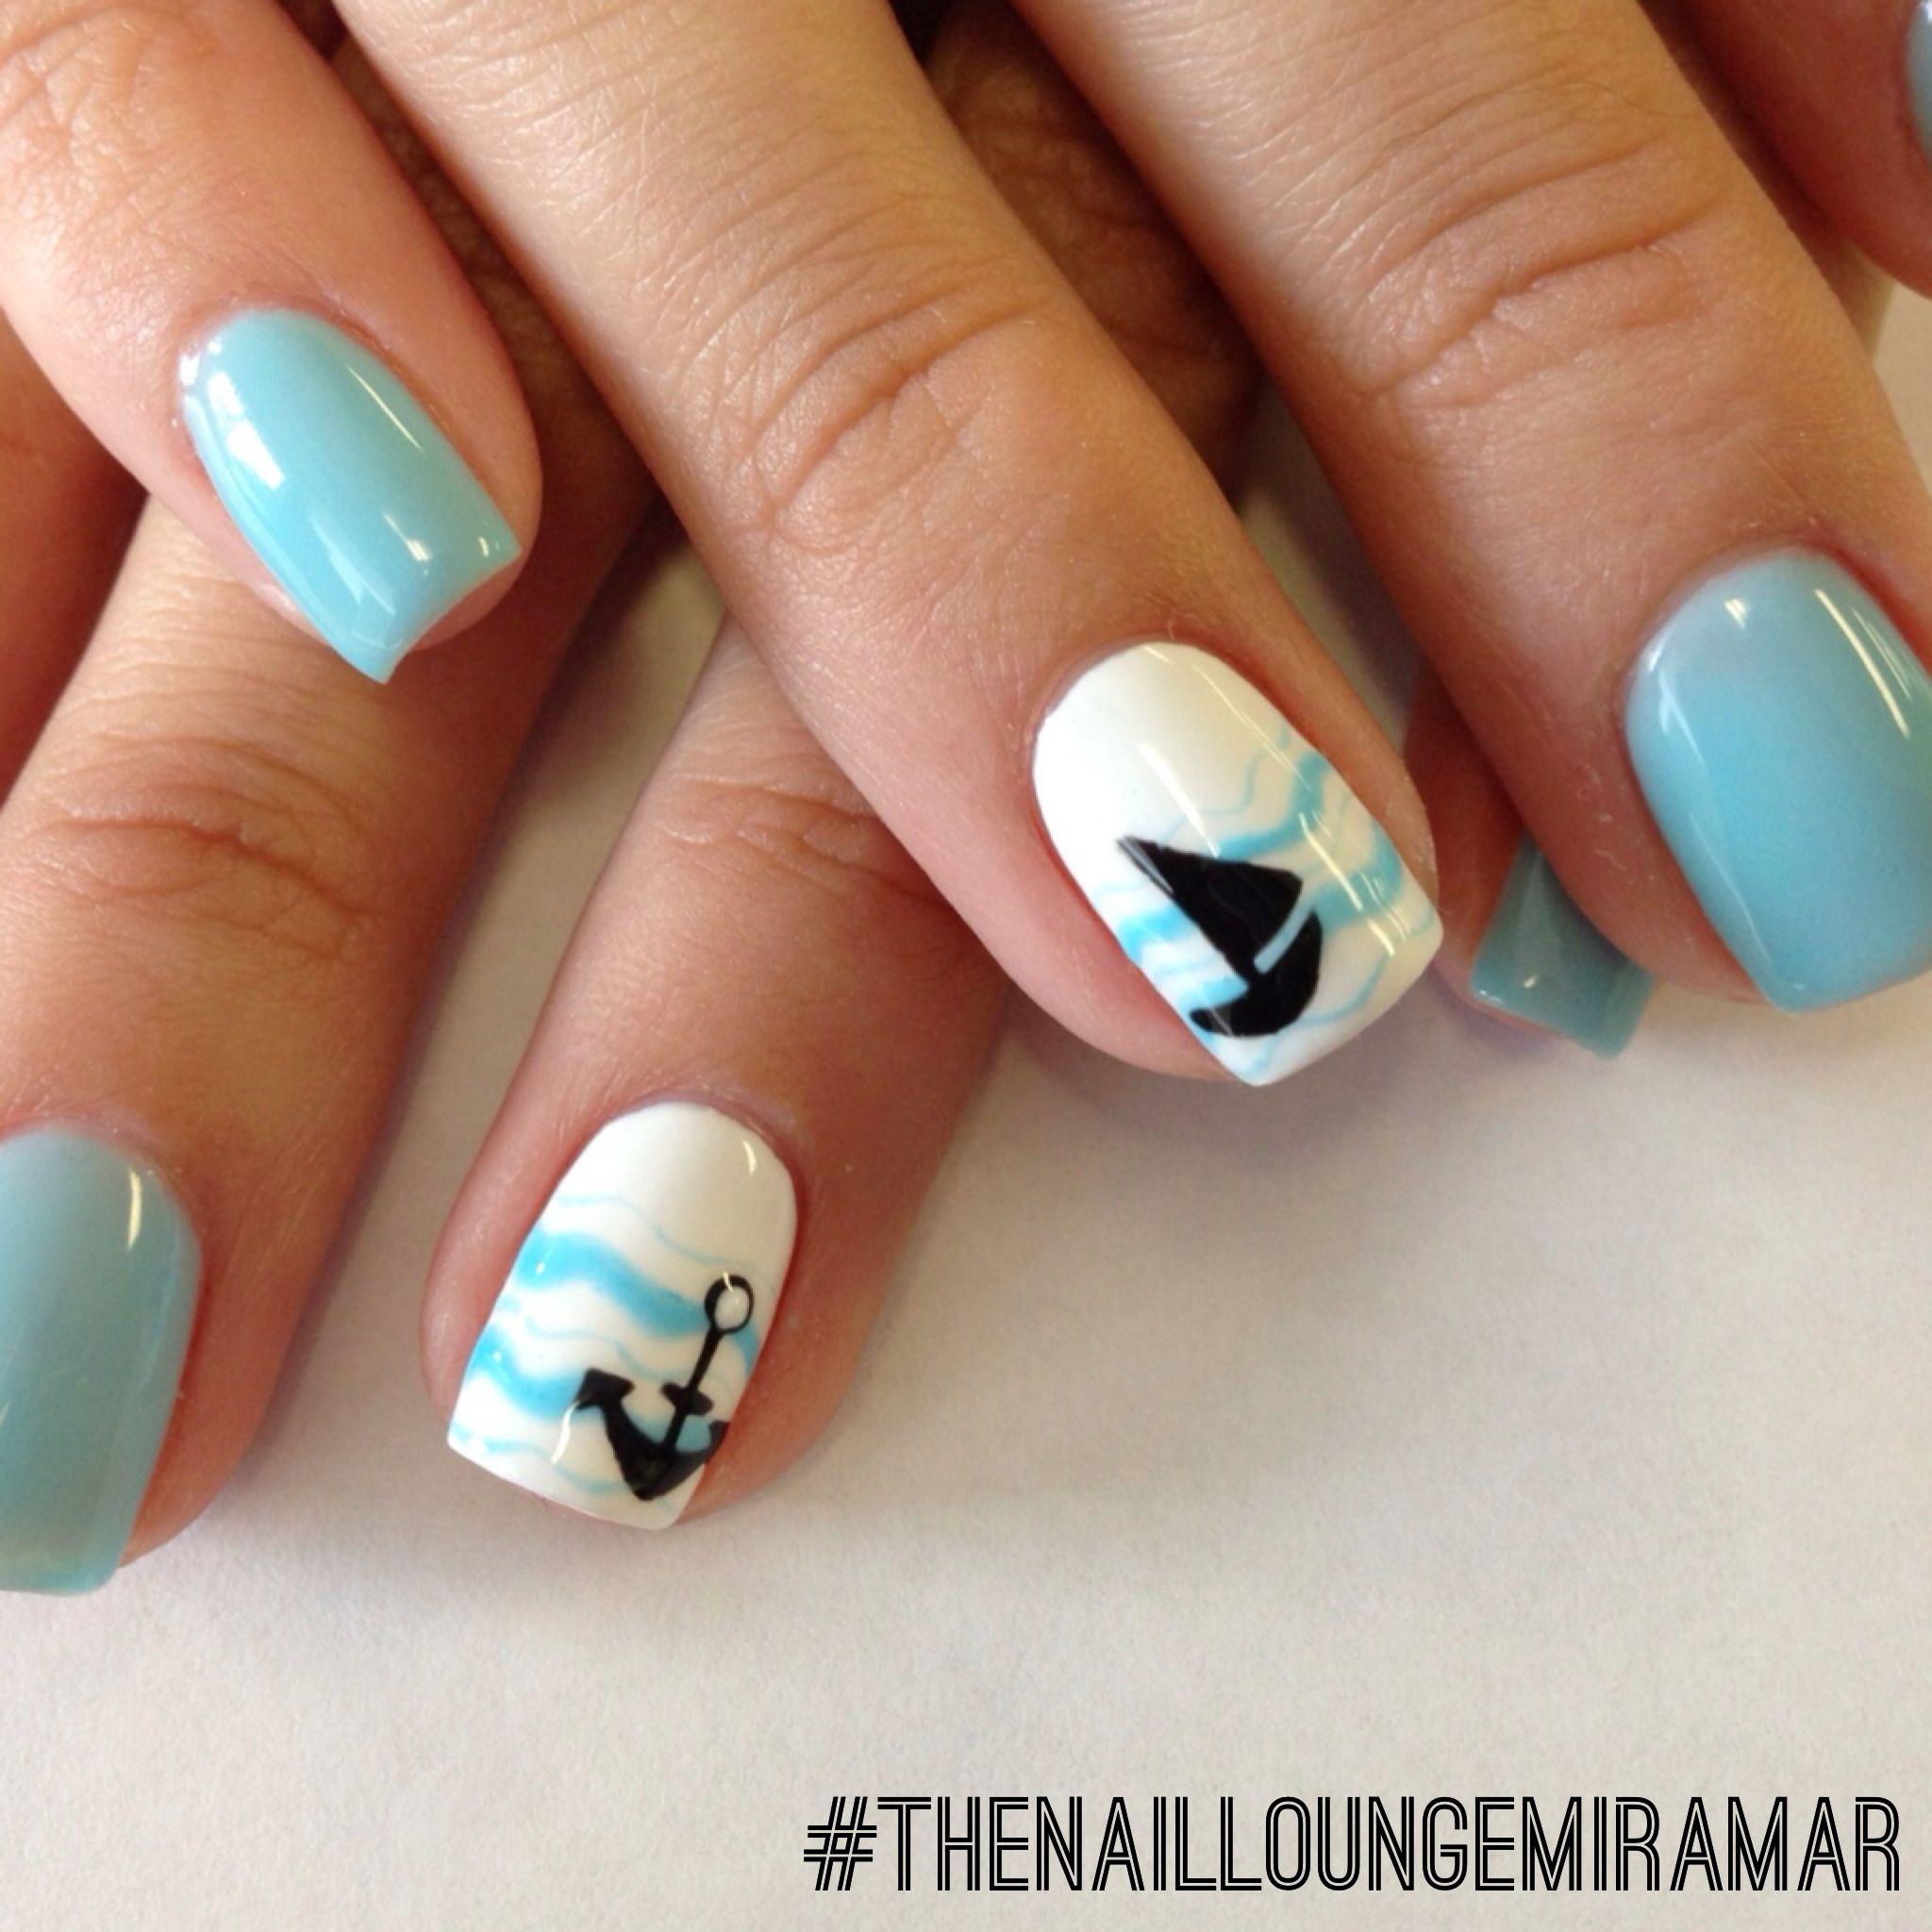 Pin By The Nail Lounge On Nail Art Beach Nail Designs Gel Nail Art Designs Gel Nail Art